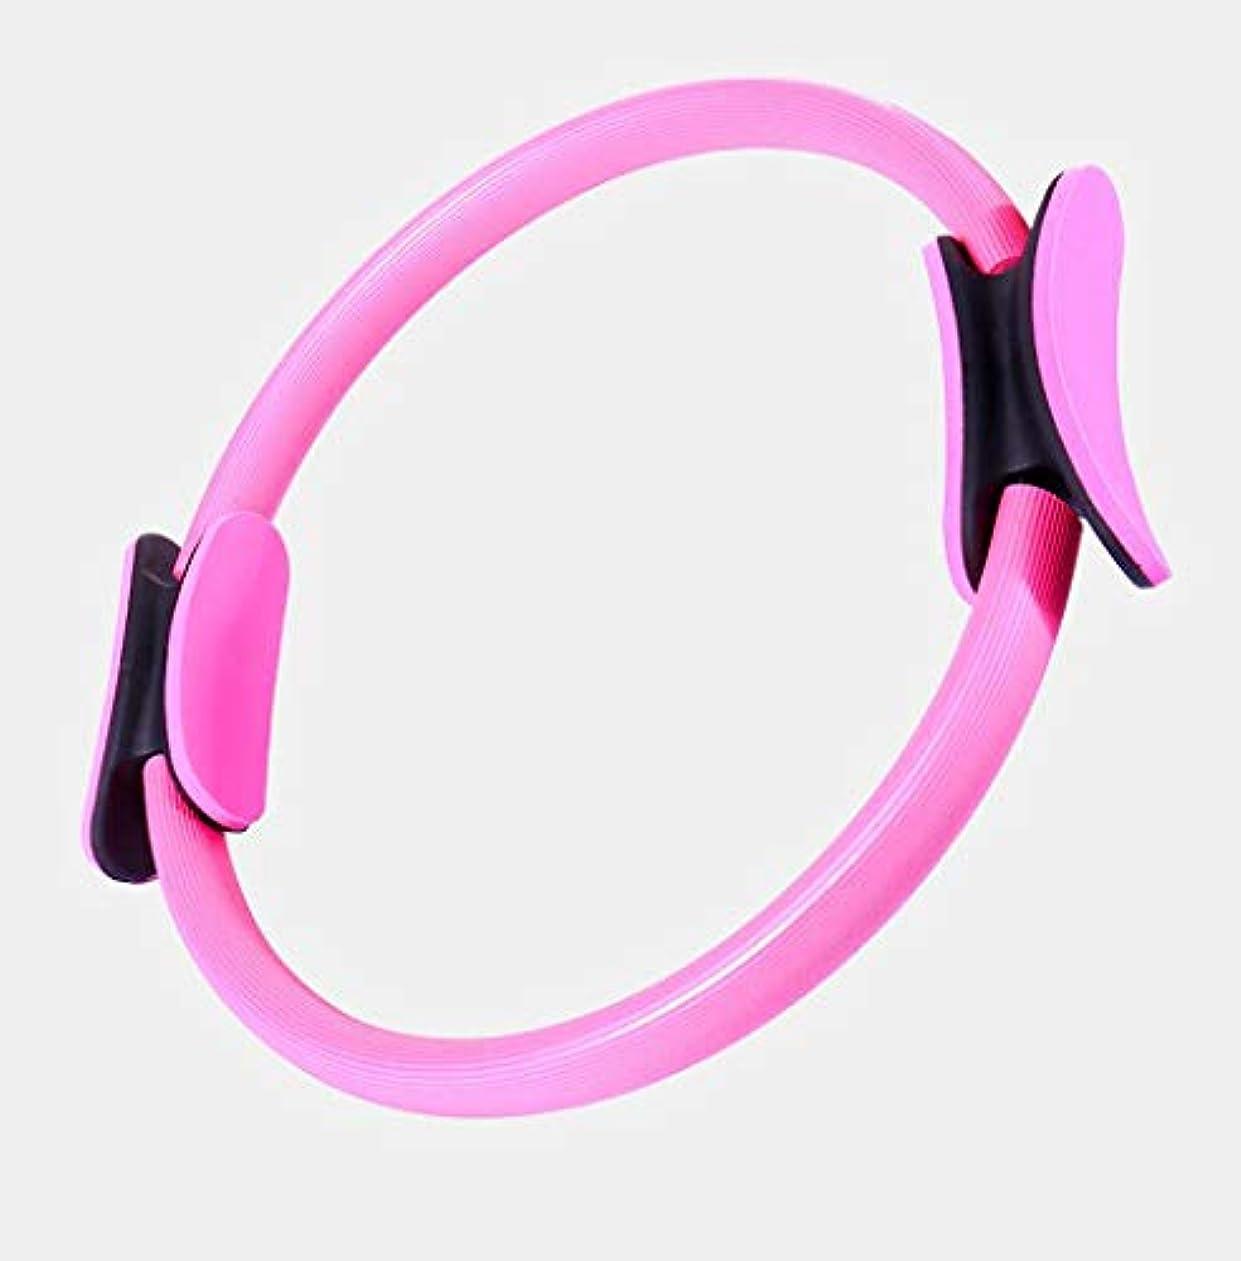 動コンパクト分注するピラティスリング-ピラティスリング、ふくらはぎマッサージ、弾力性、最高のヨガ機器、最高の製品,Pink